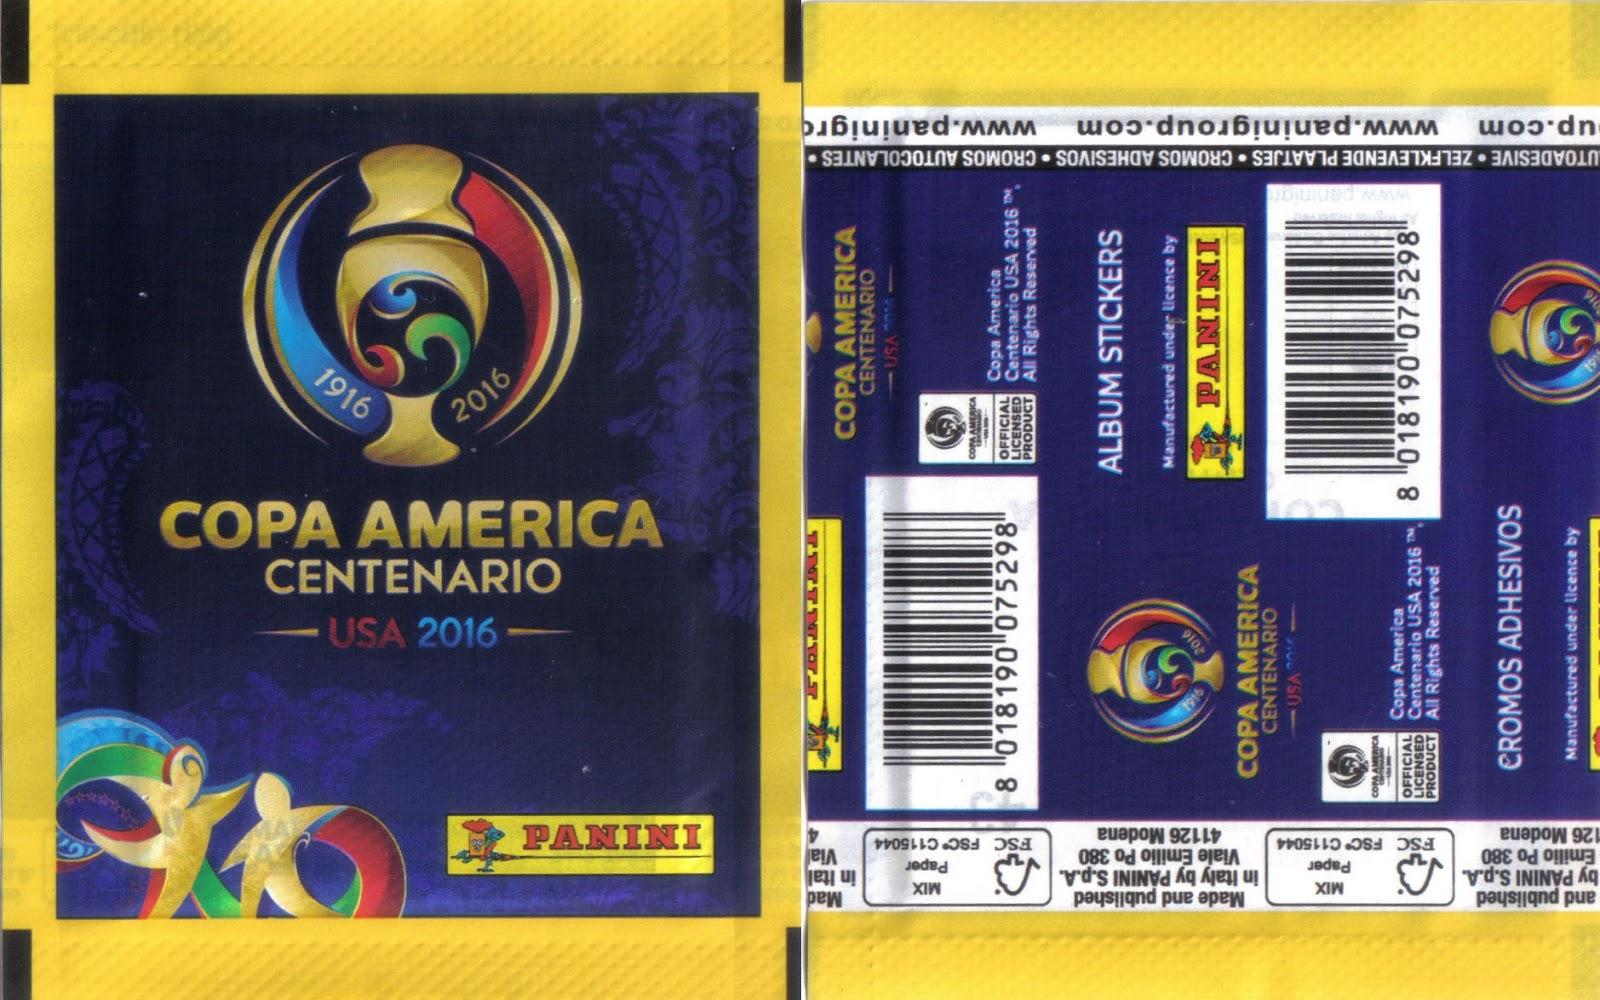 copa uruguaya coca cola Copa America Centenario USA 2016. Panini Argentina, Brazil, Chile, Colombia, Mexico, Uruguay, USA, Venezuela